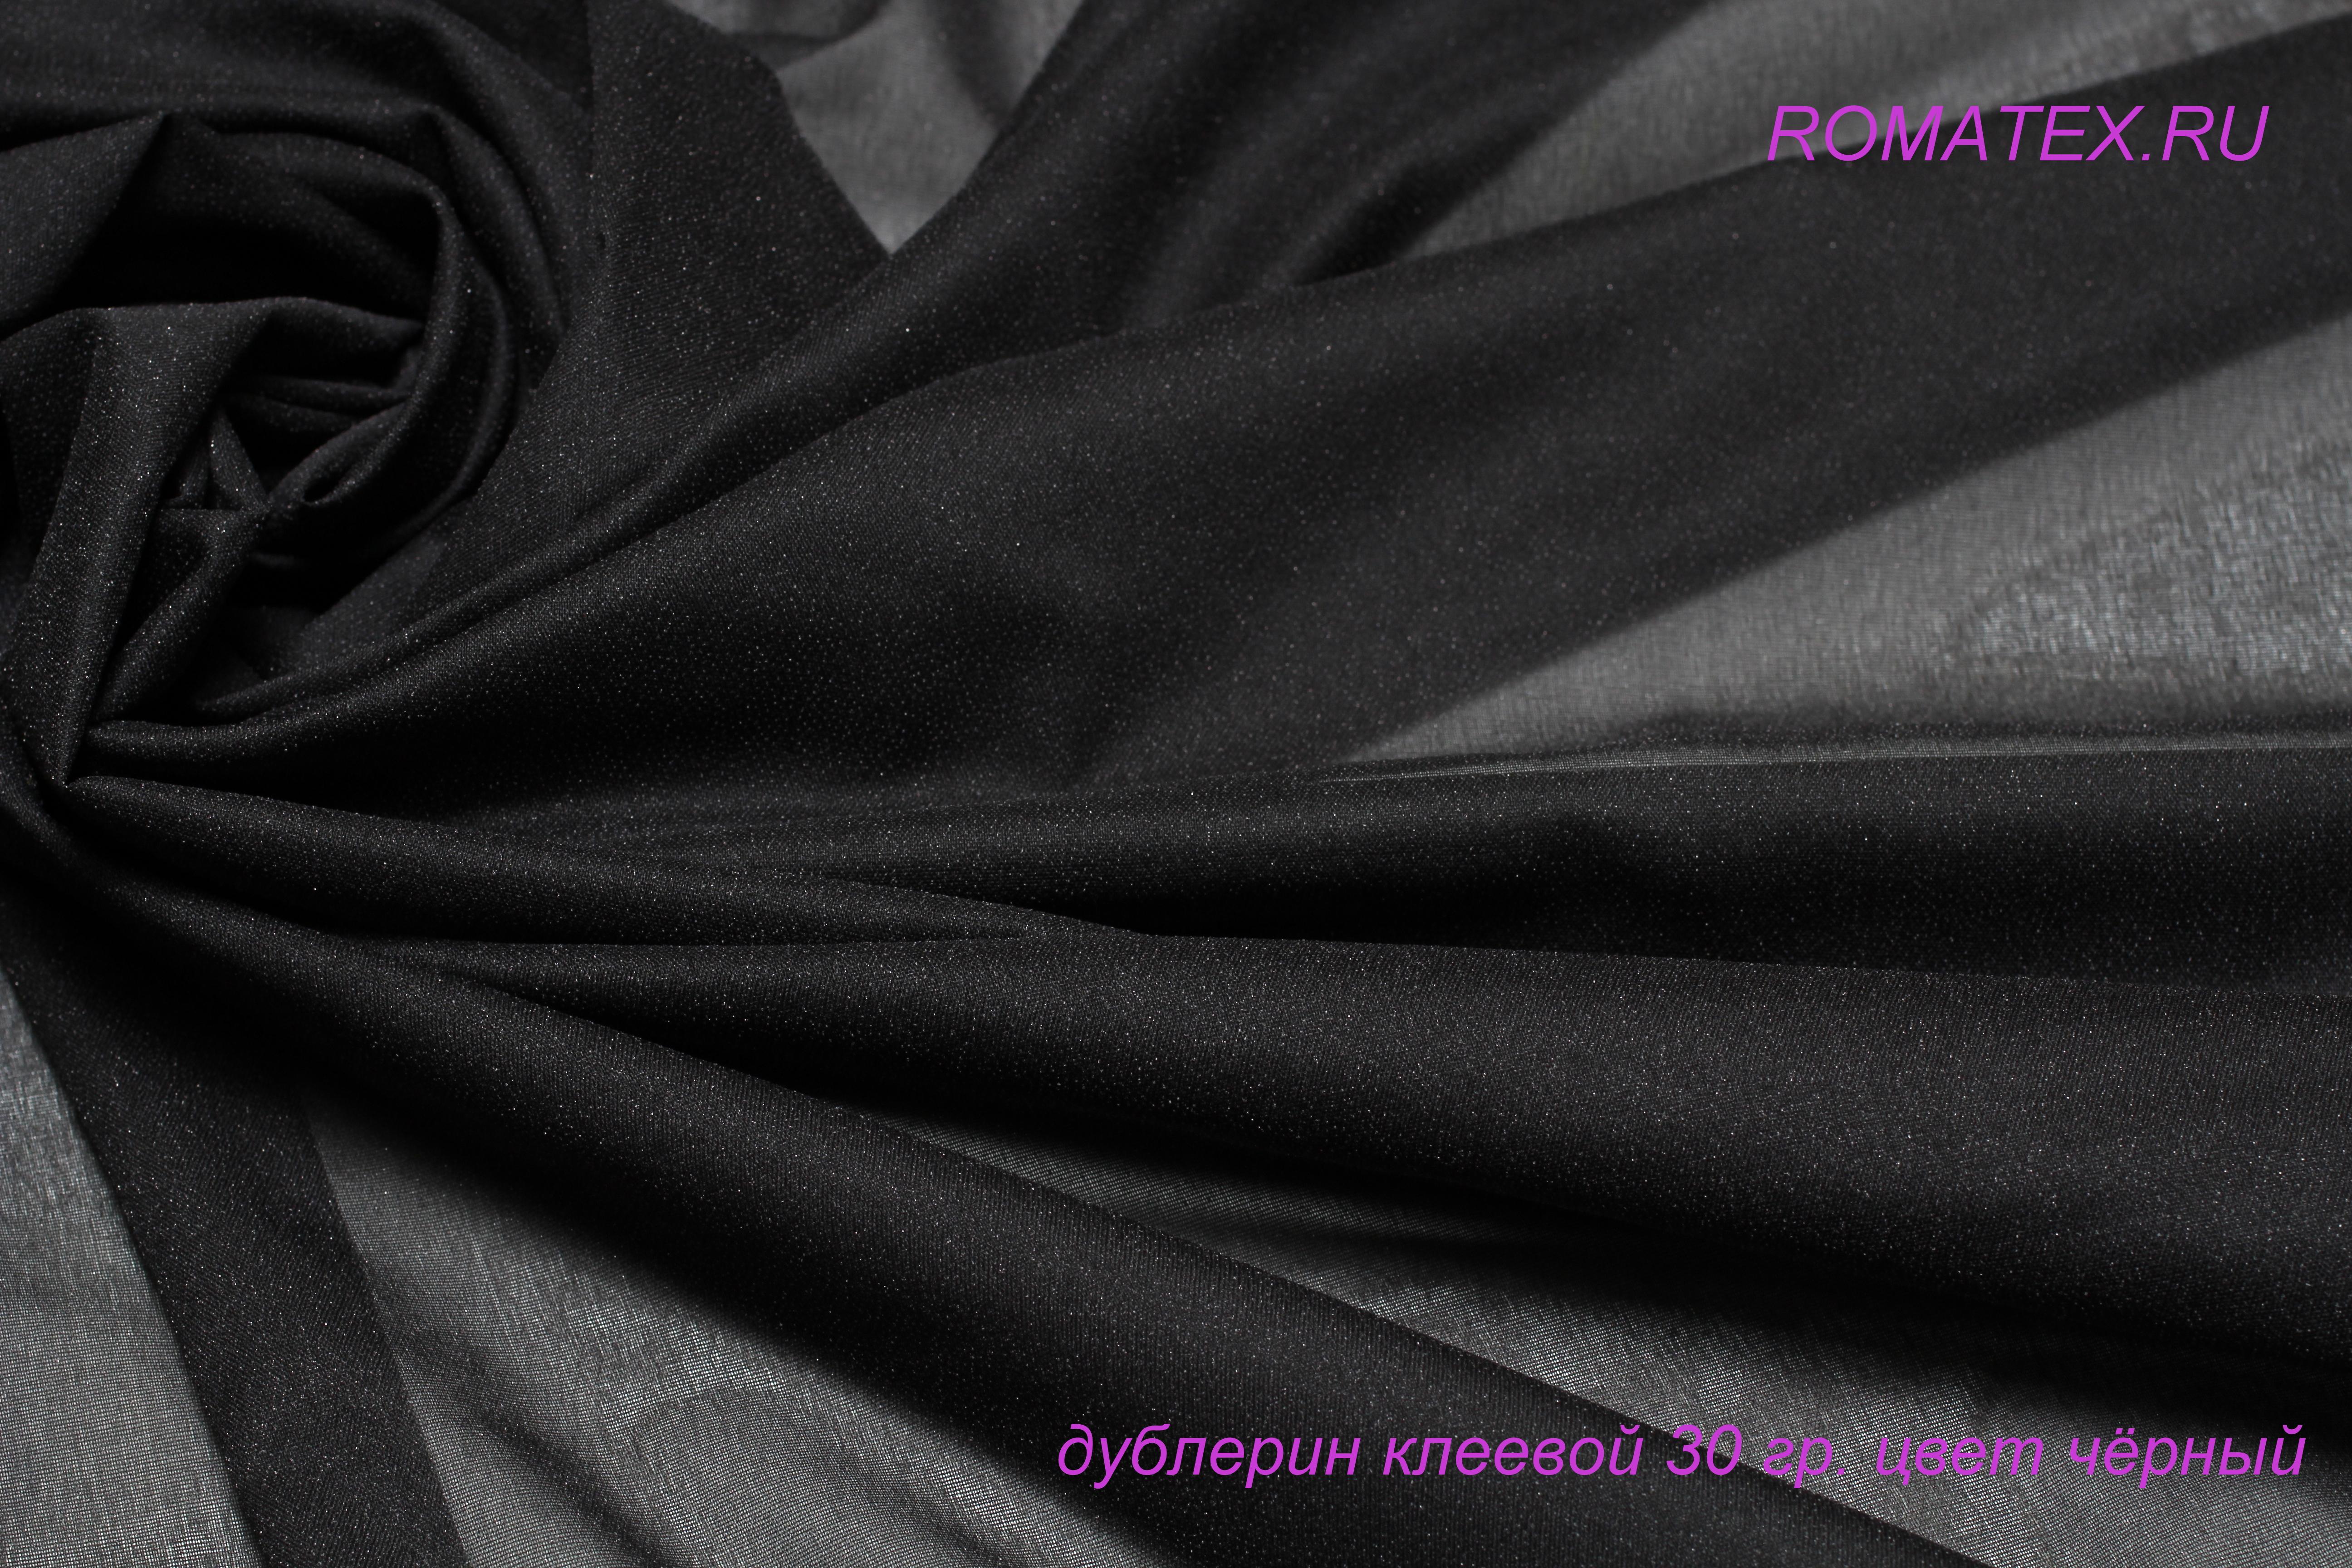 Дублерин клеевой плотность 30, цвет черный